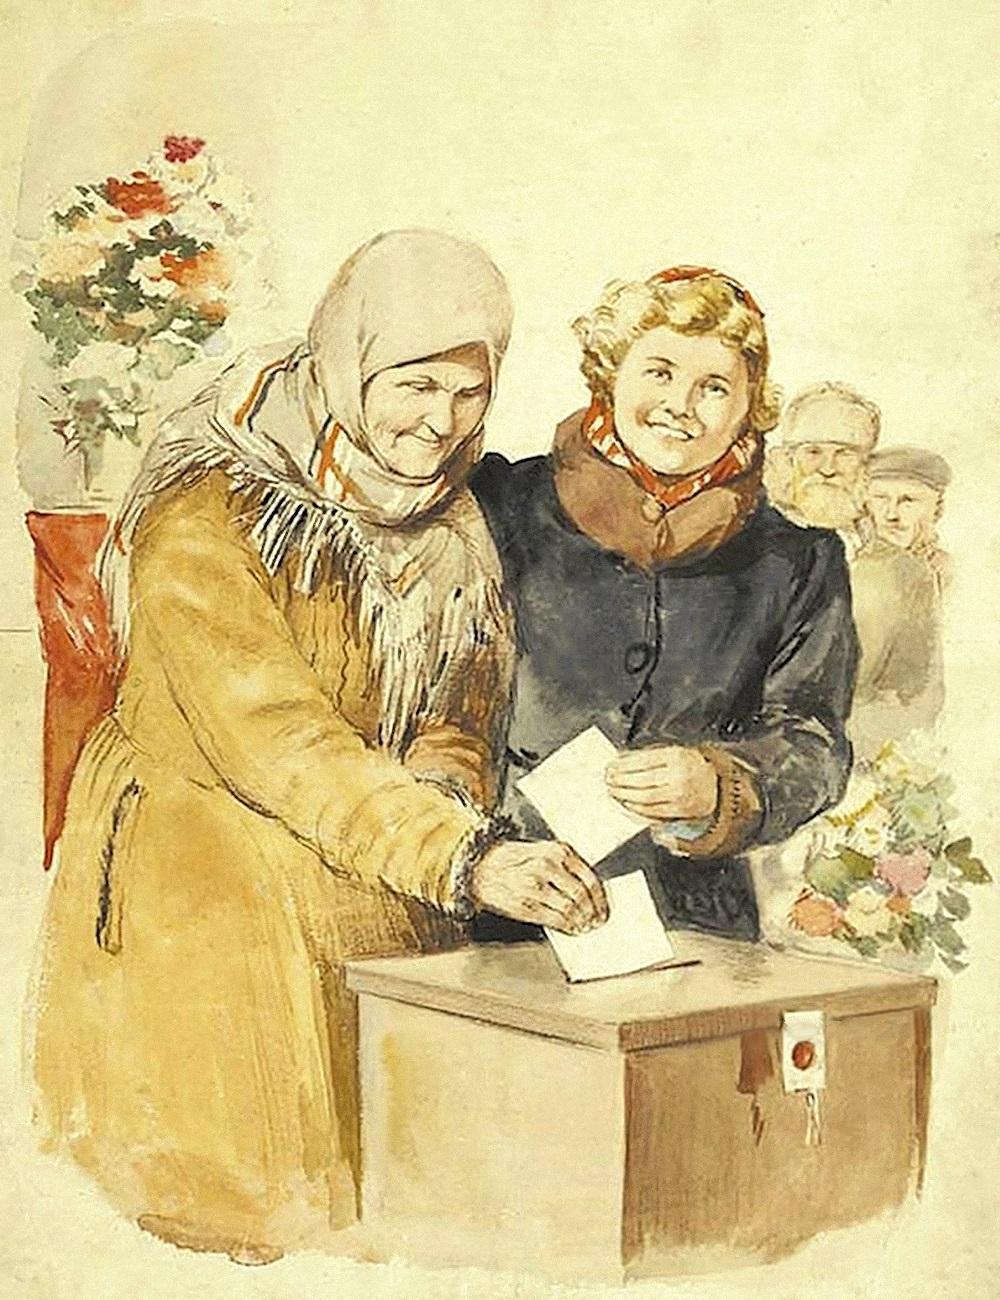 00-vasili-bayuskin-voting